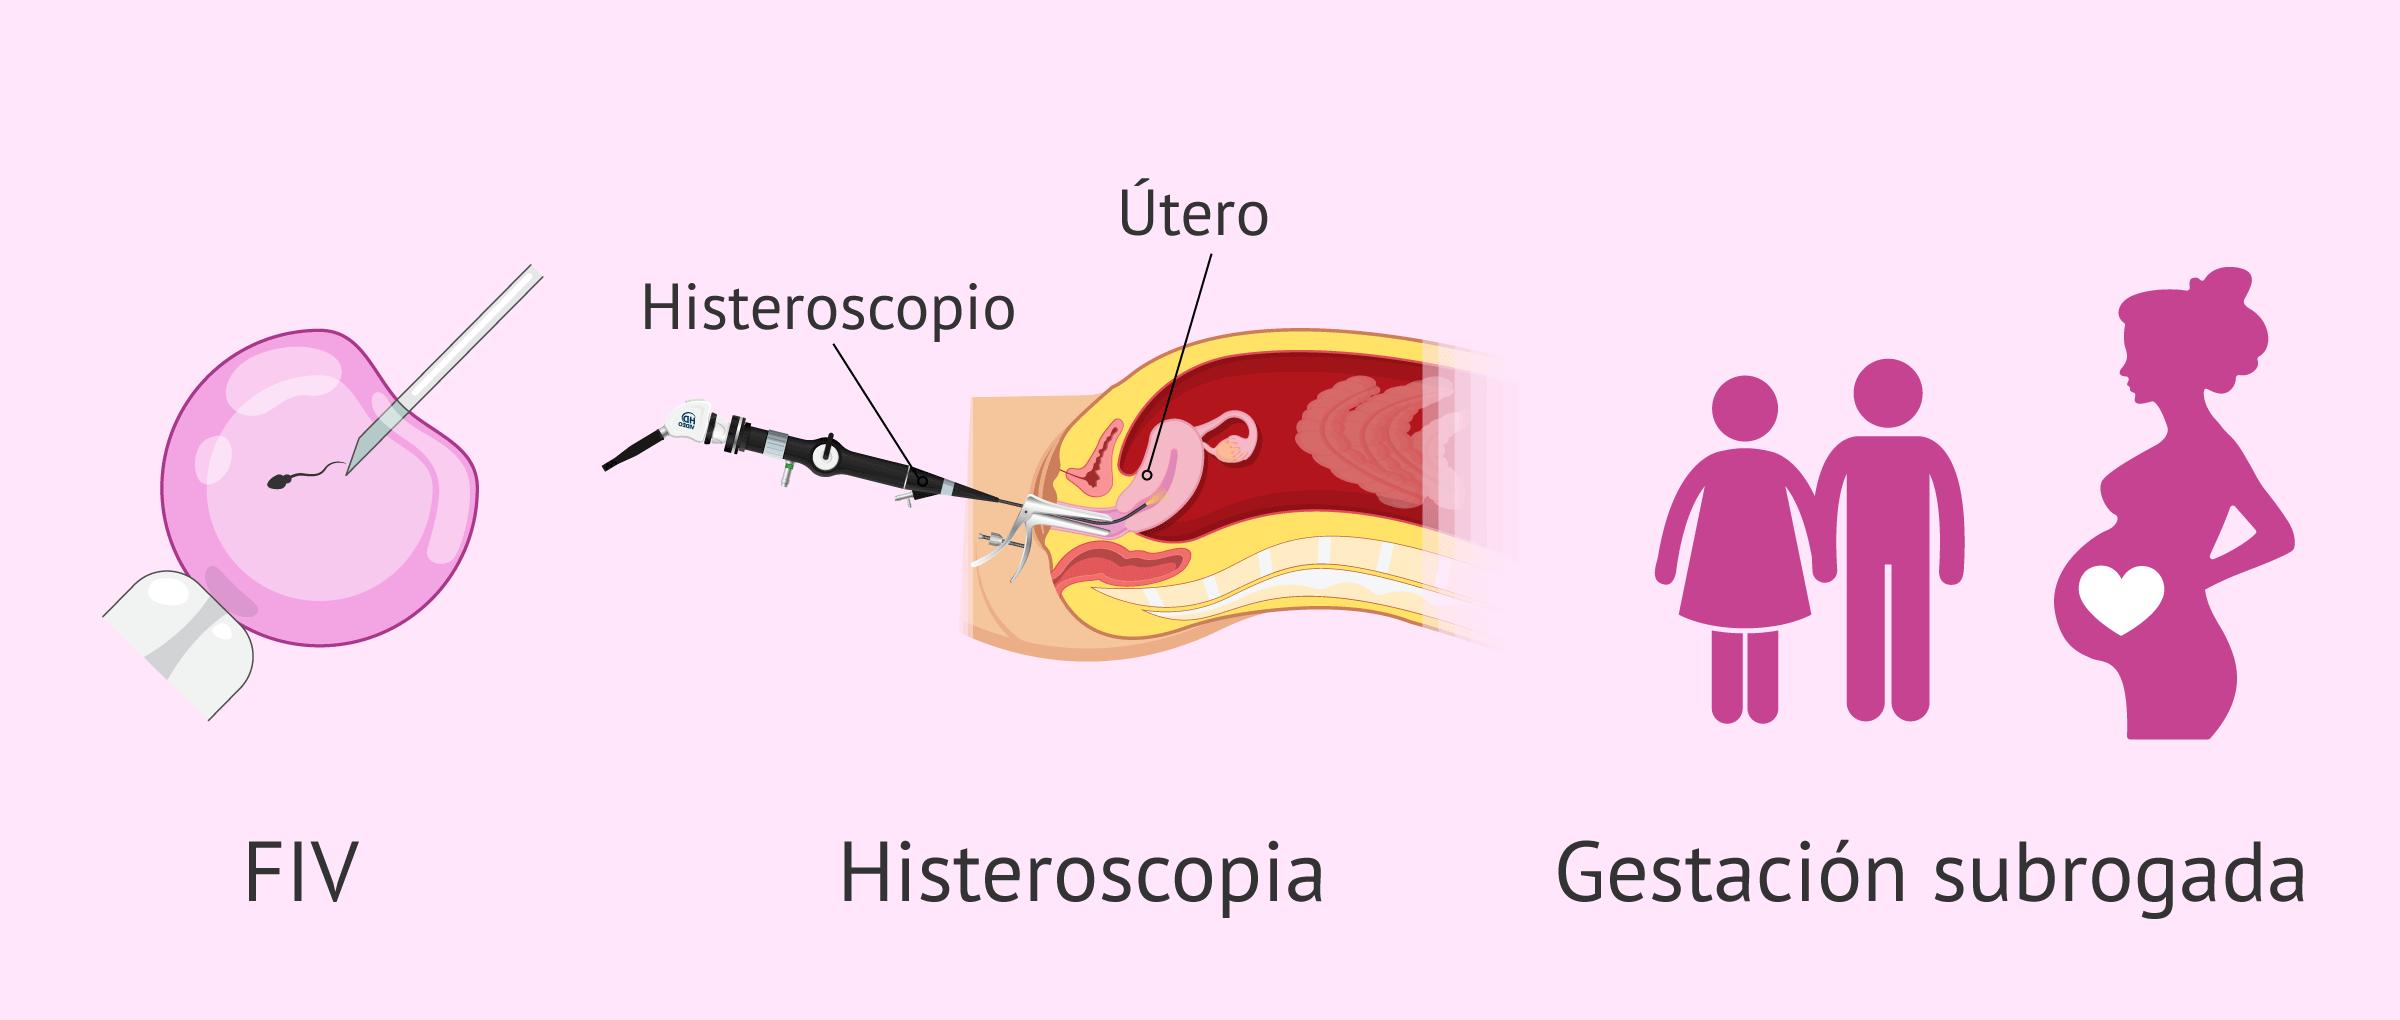 Posibilidad de embarazo con malformaciones uterinas